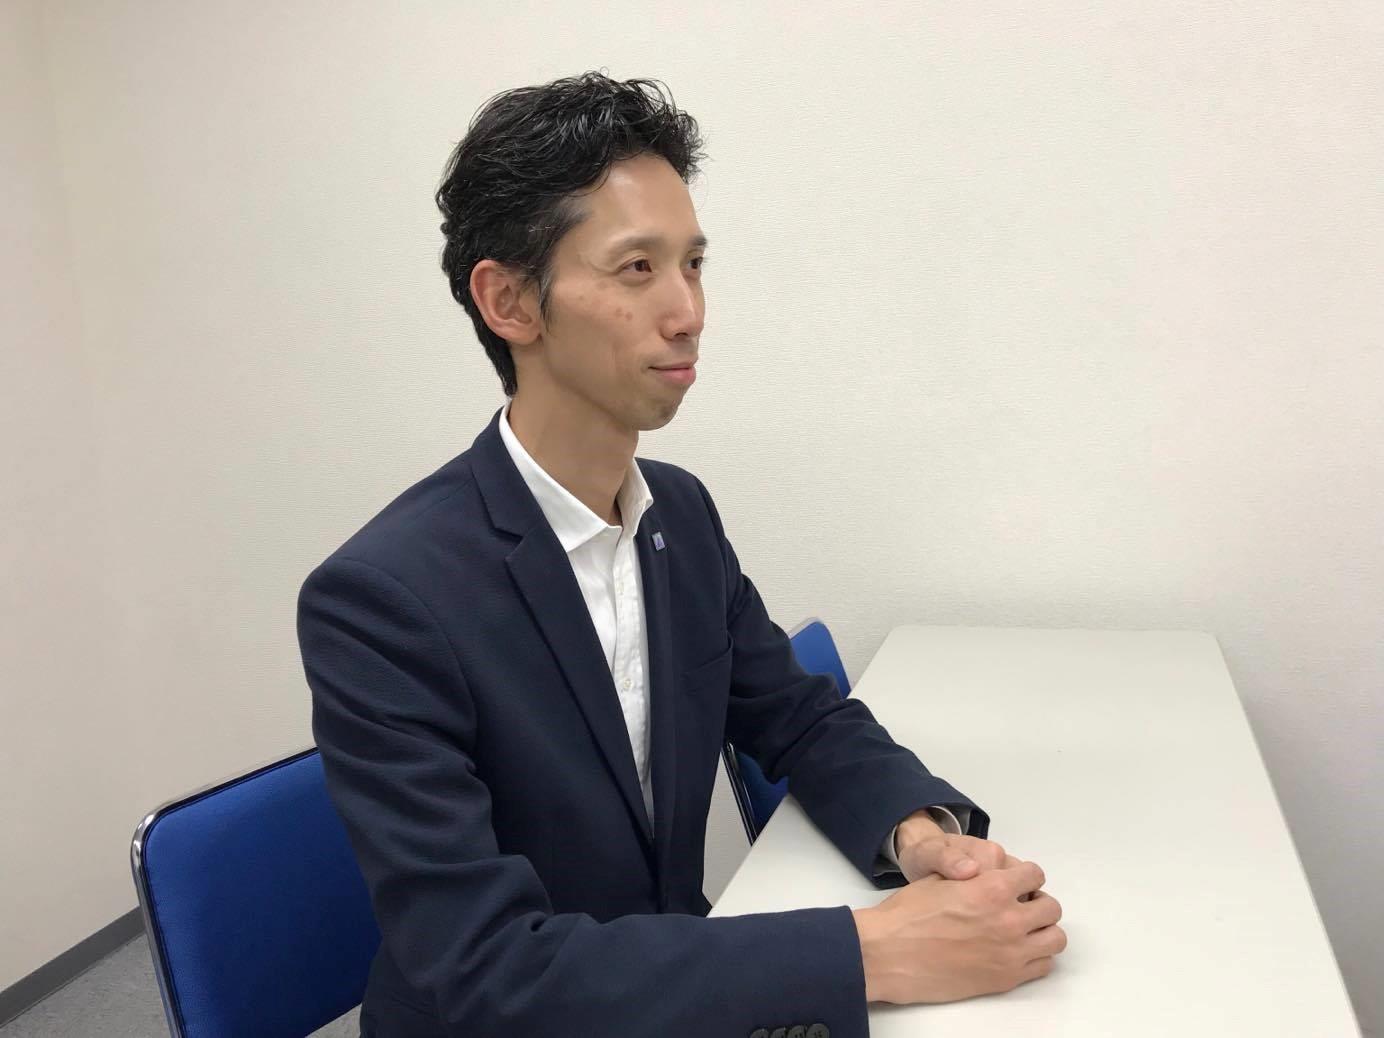 インタビュー|豊福良太氏【合同会社 鷹睡】日本のITエンジニアにとって働きやすい職場環境を作る